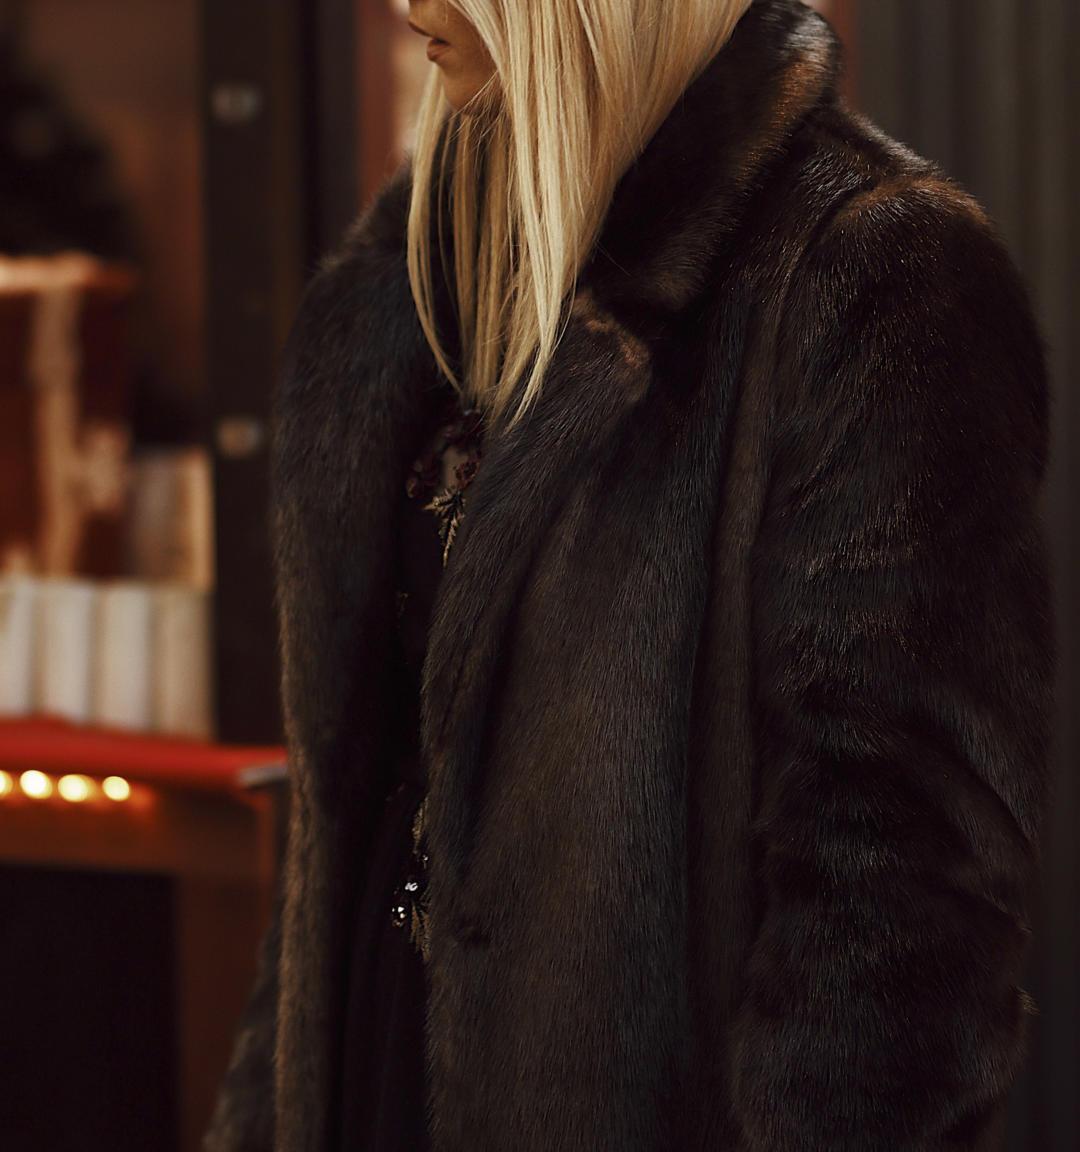 Blonde Girl wear faux fur winter coat from Monsoon Fashion